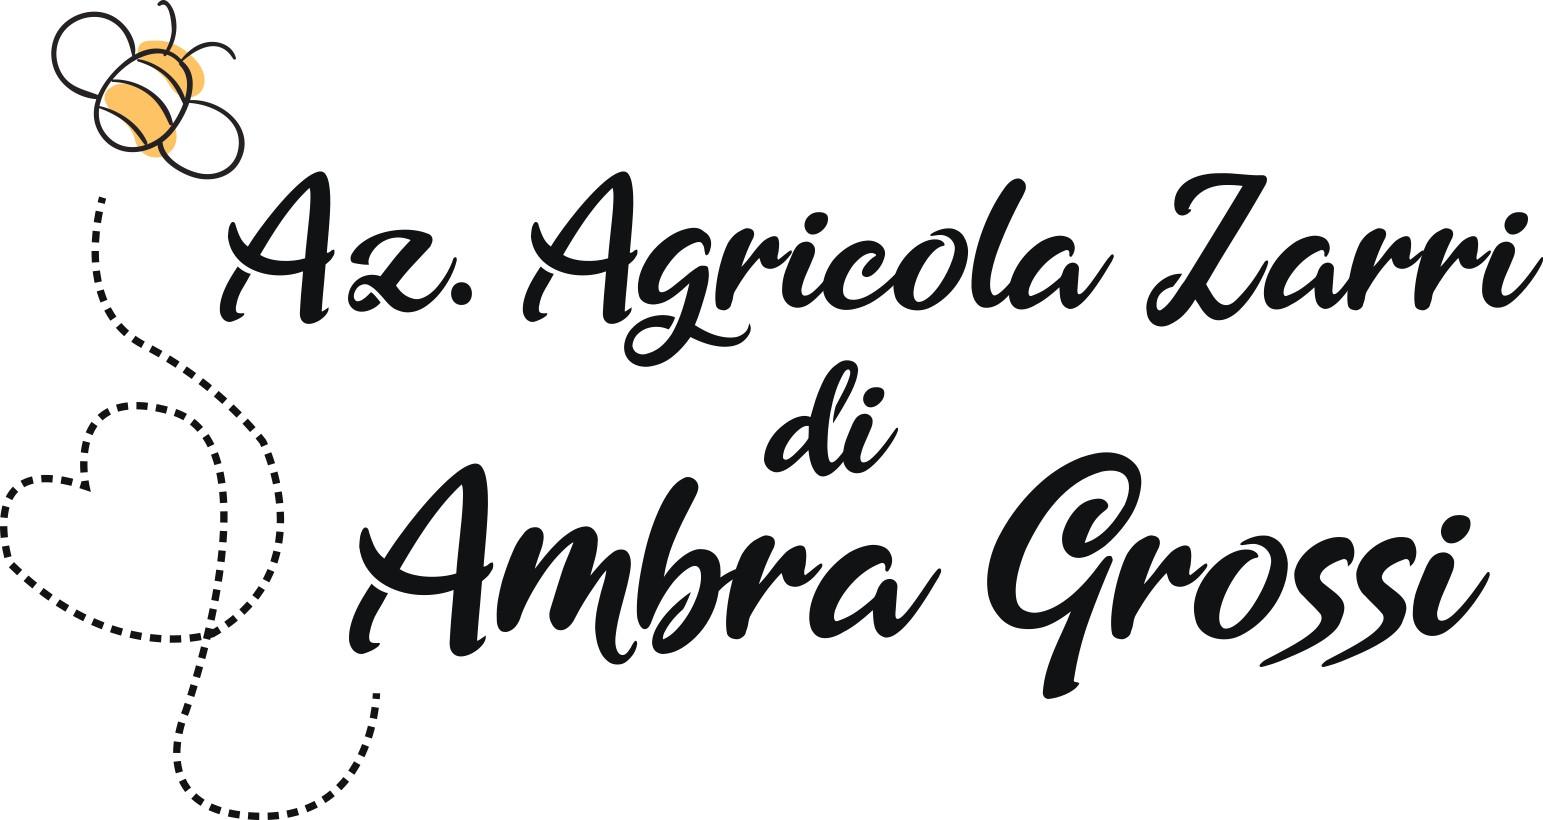 Azienda agricola Zarri di Ambra Grossi